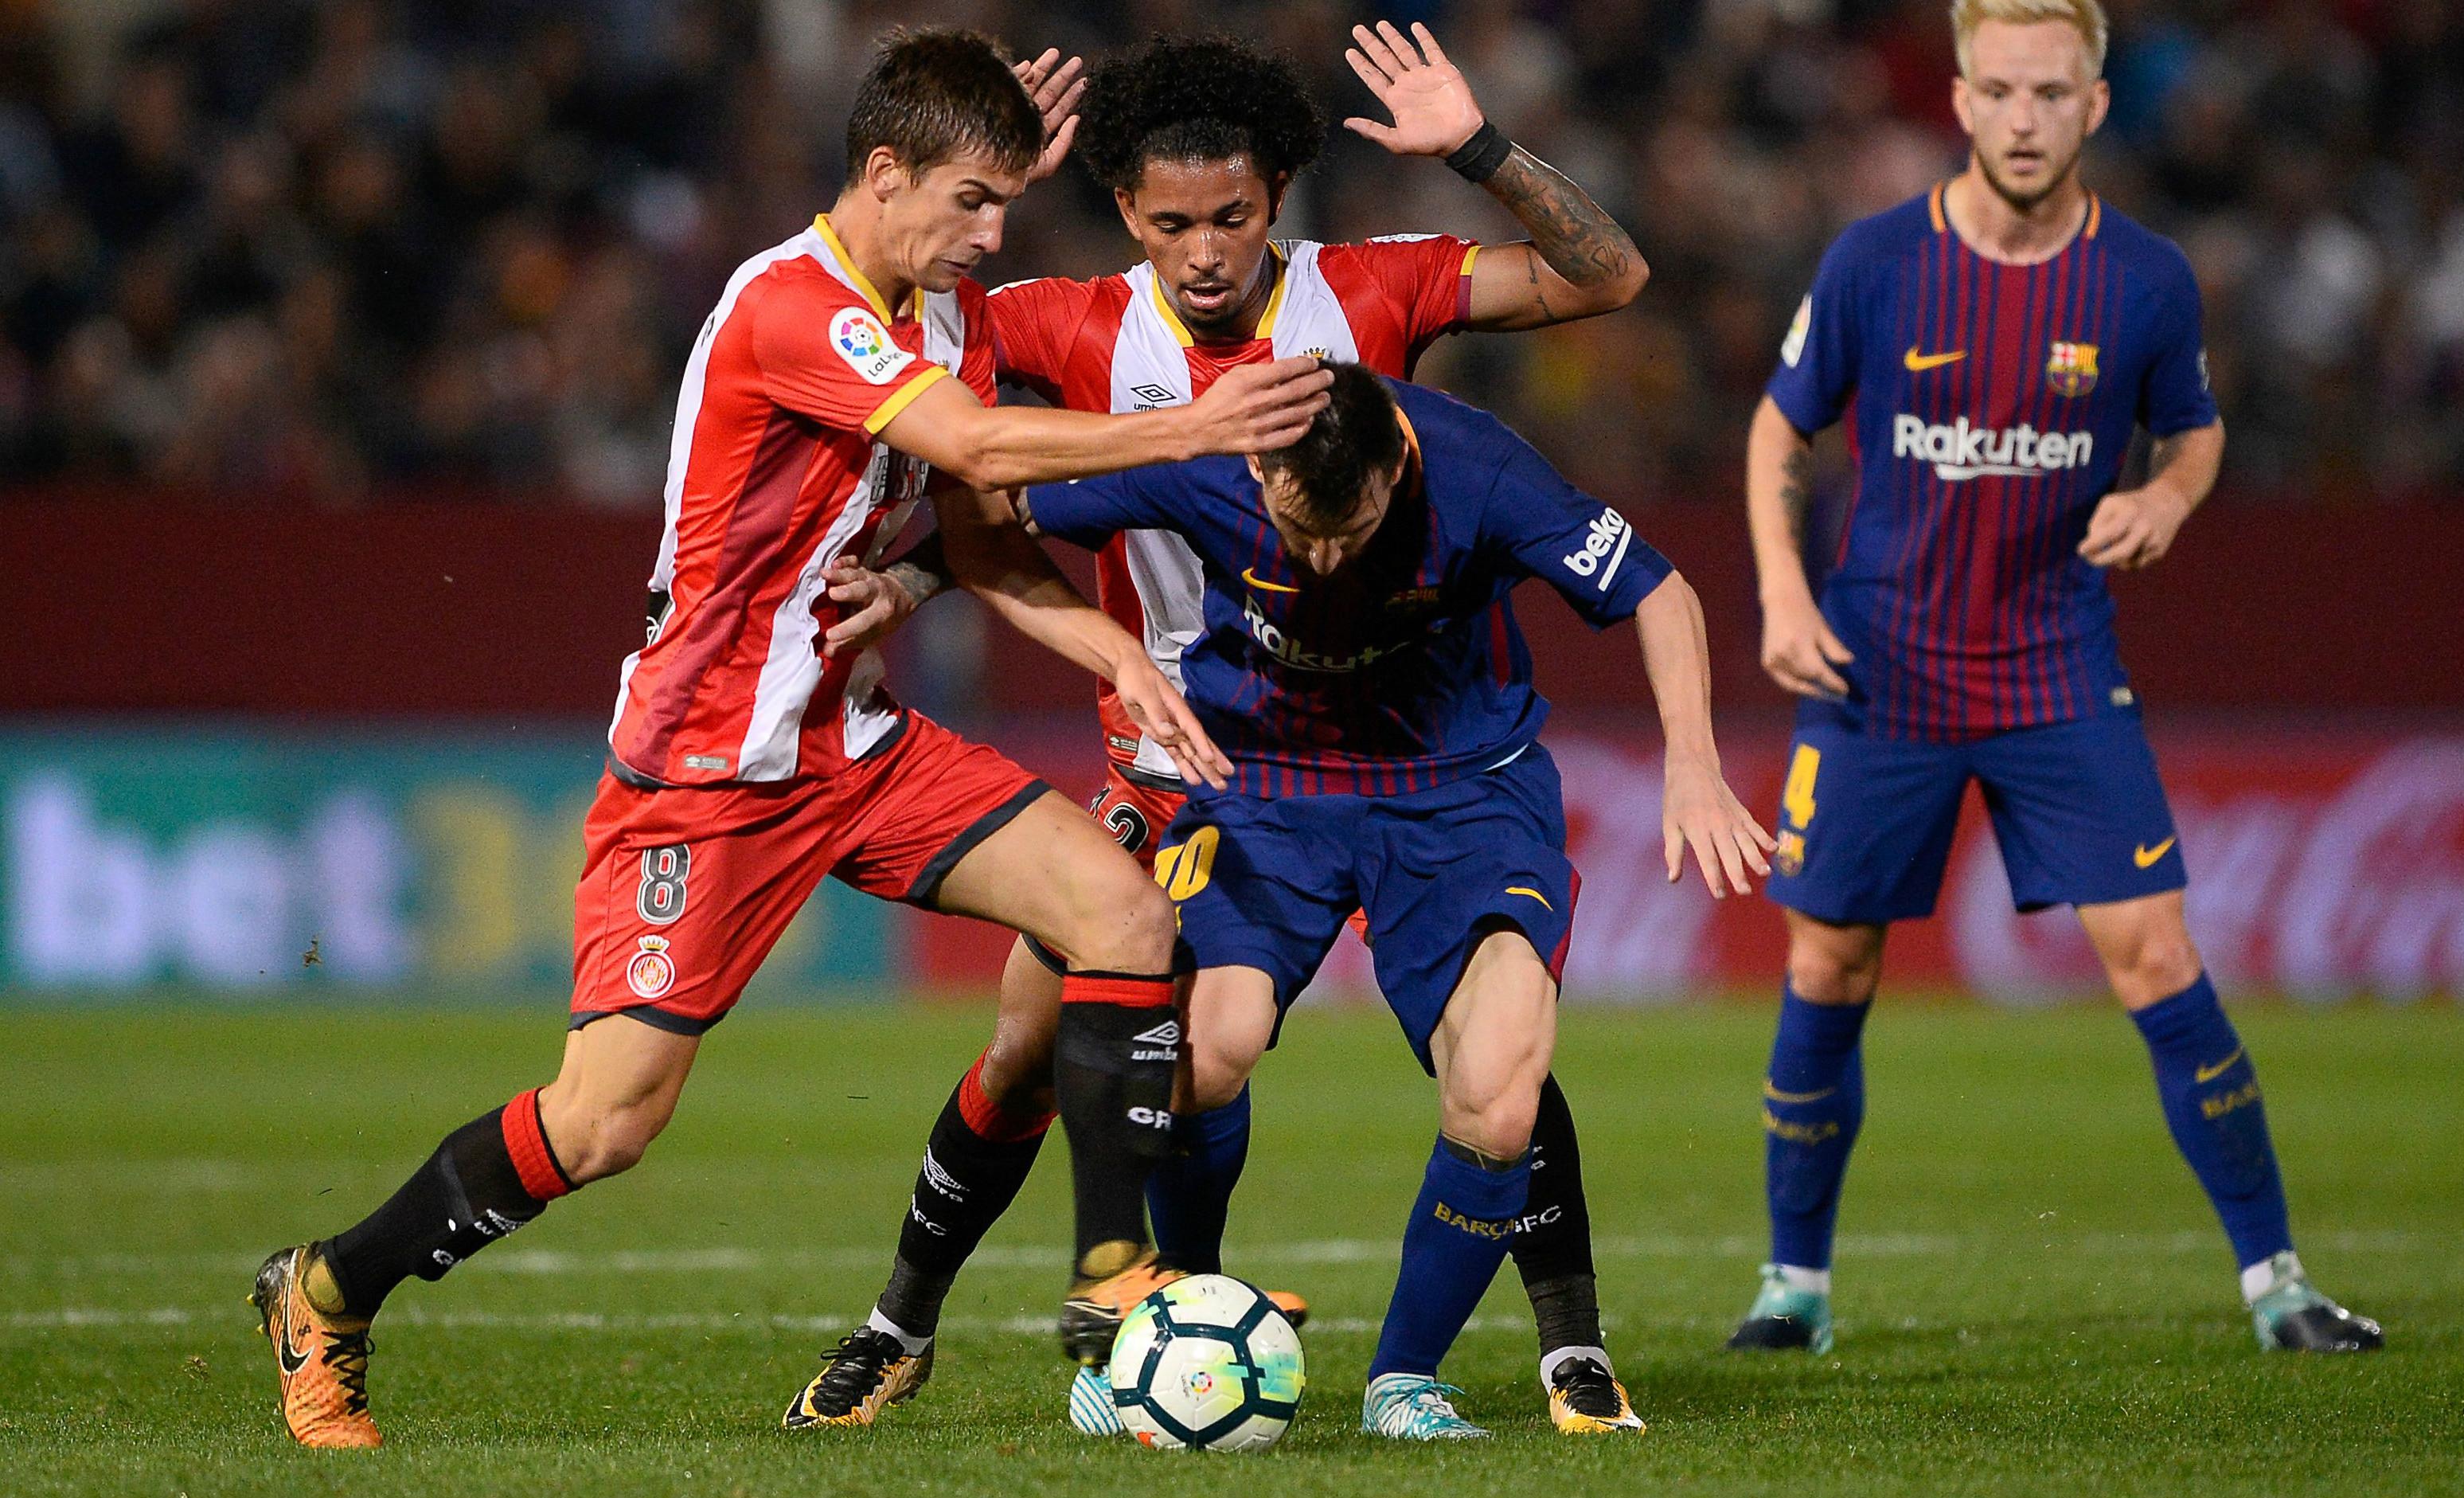 El Barcelona FC quiere mantener la perfección ante el Girona